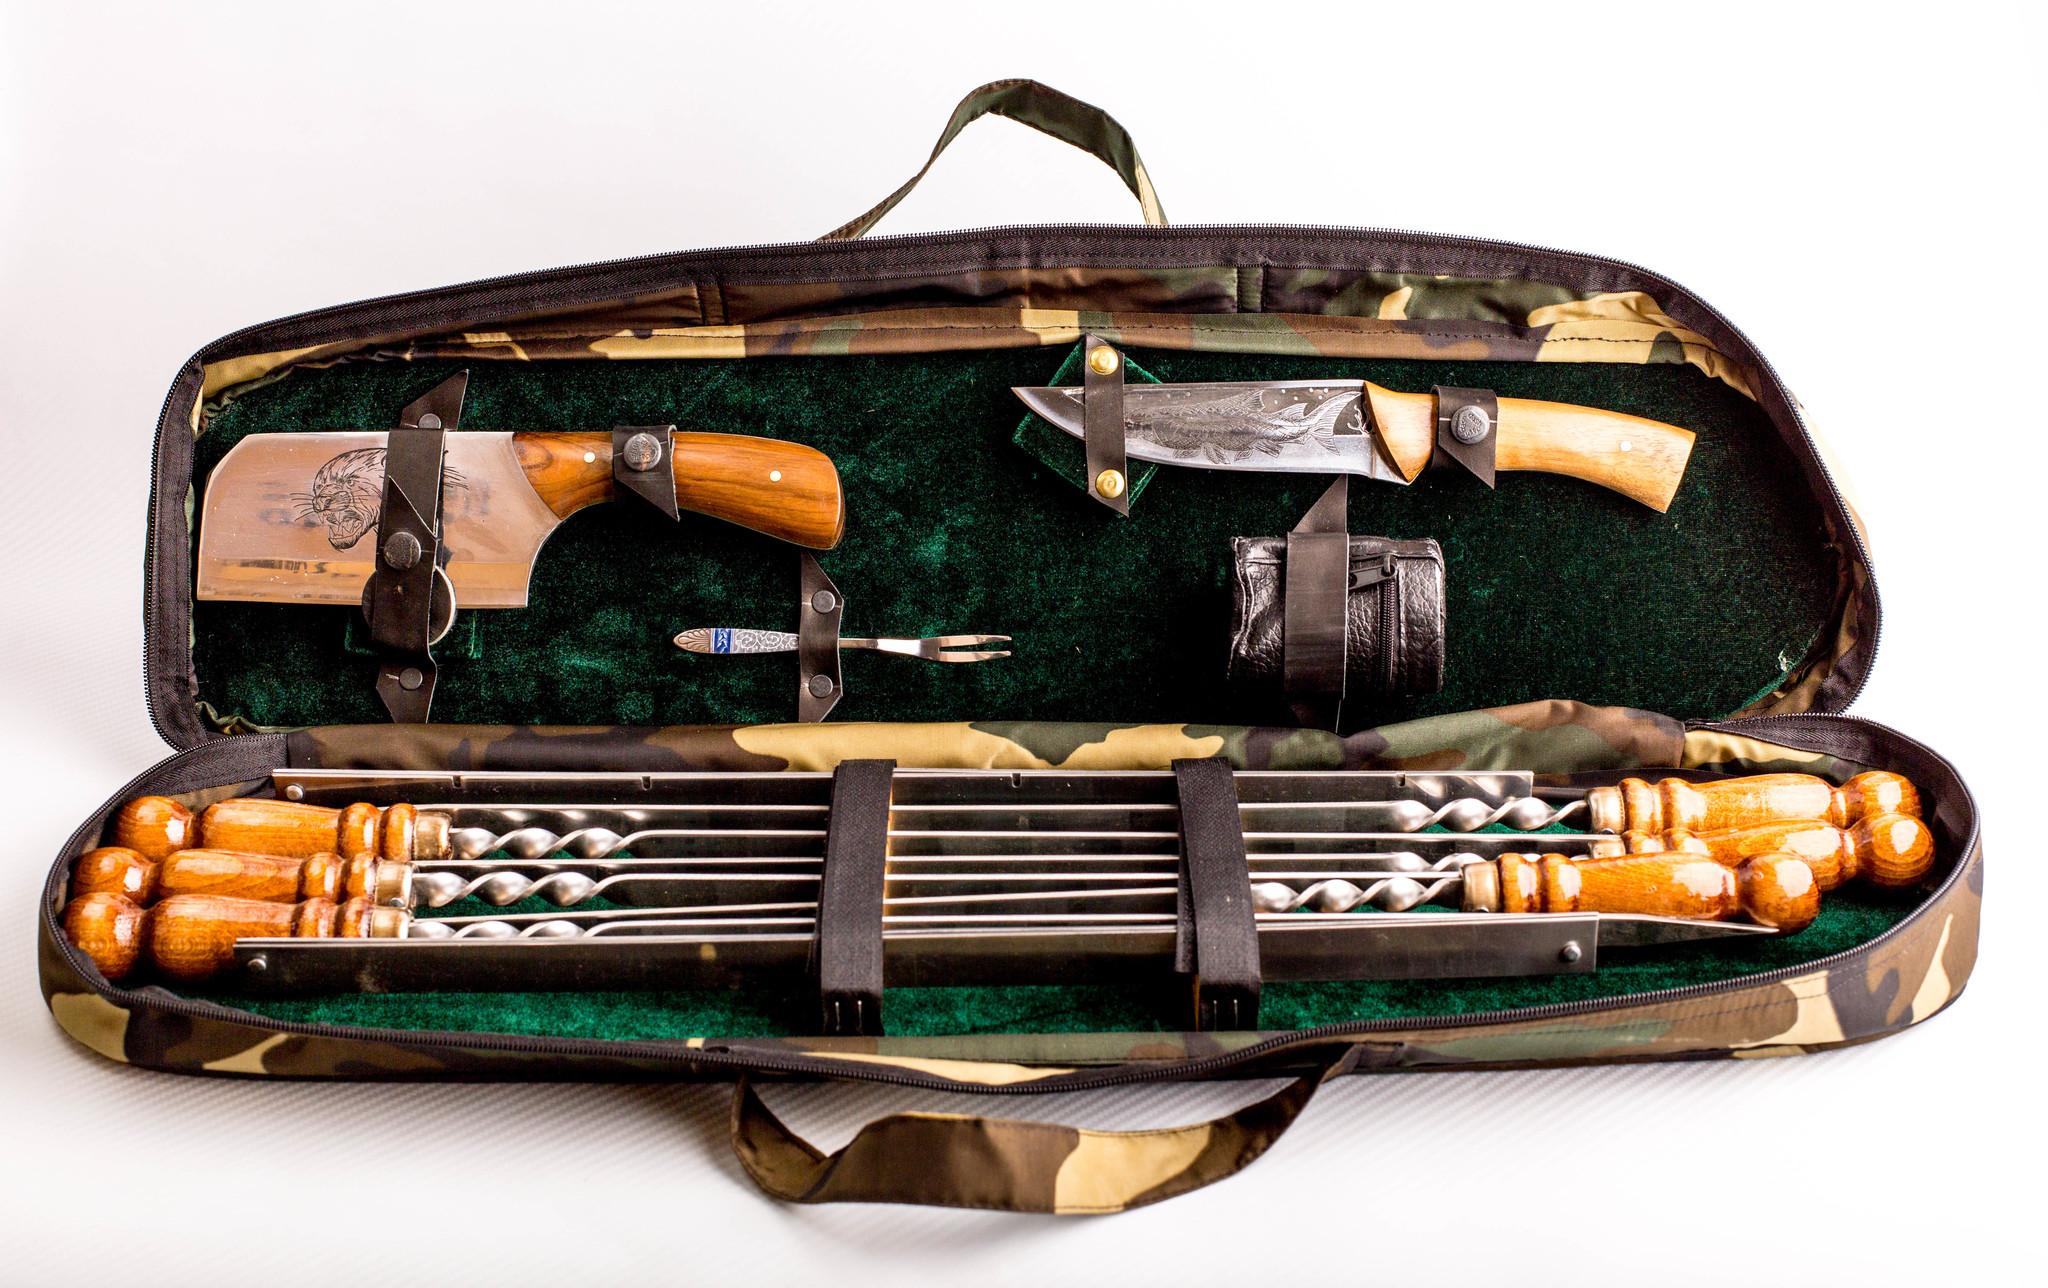 Шашлычный набор Камуфляж, Кизляр от Кизляр СТО